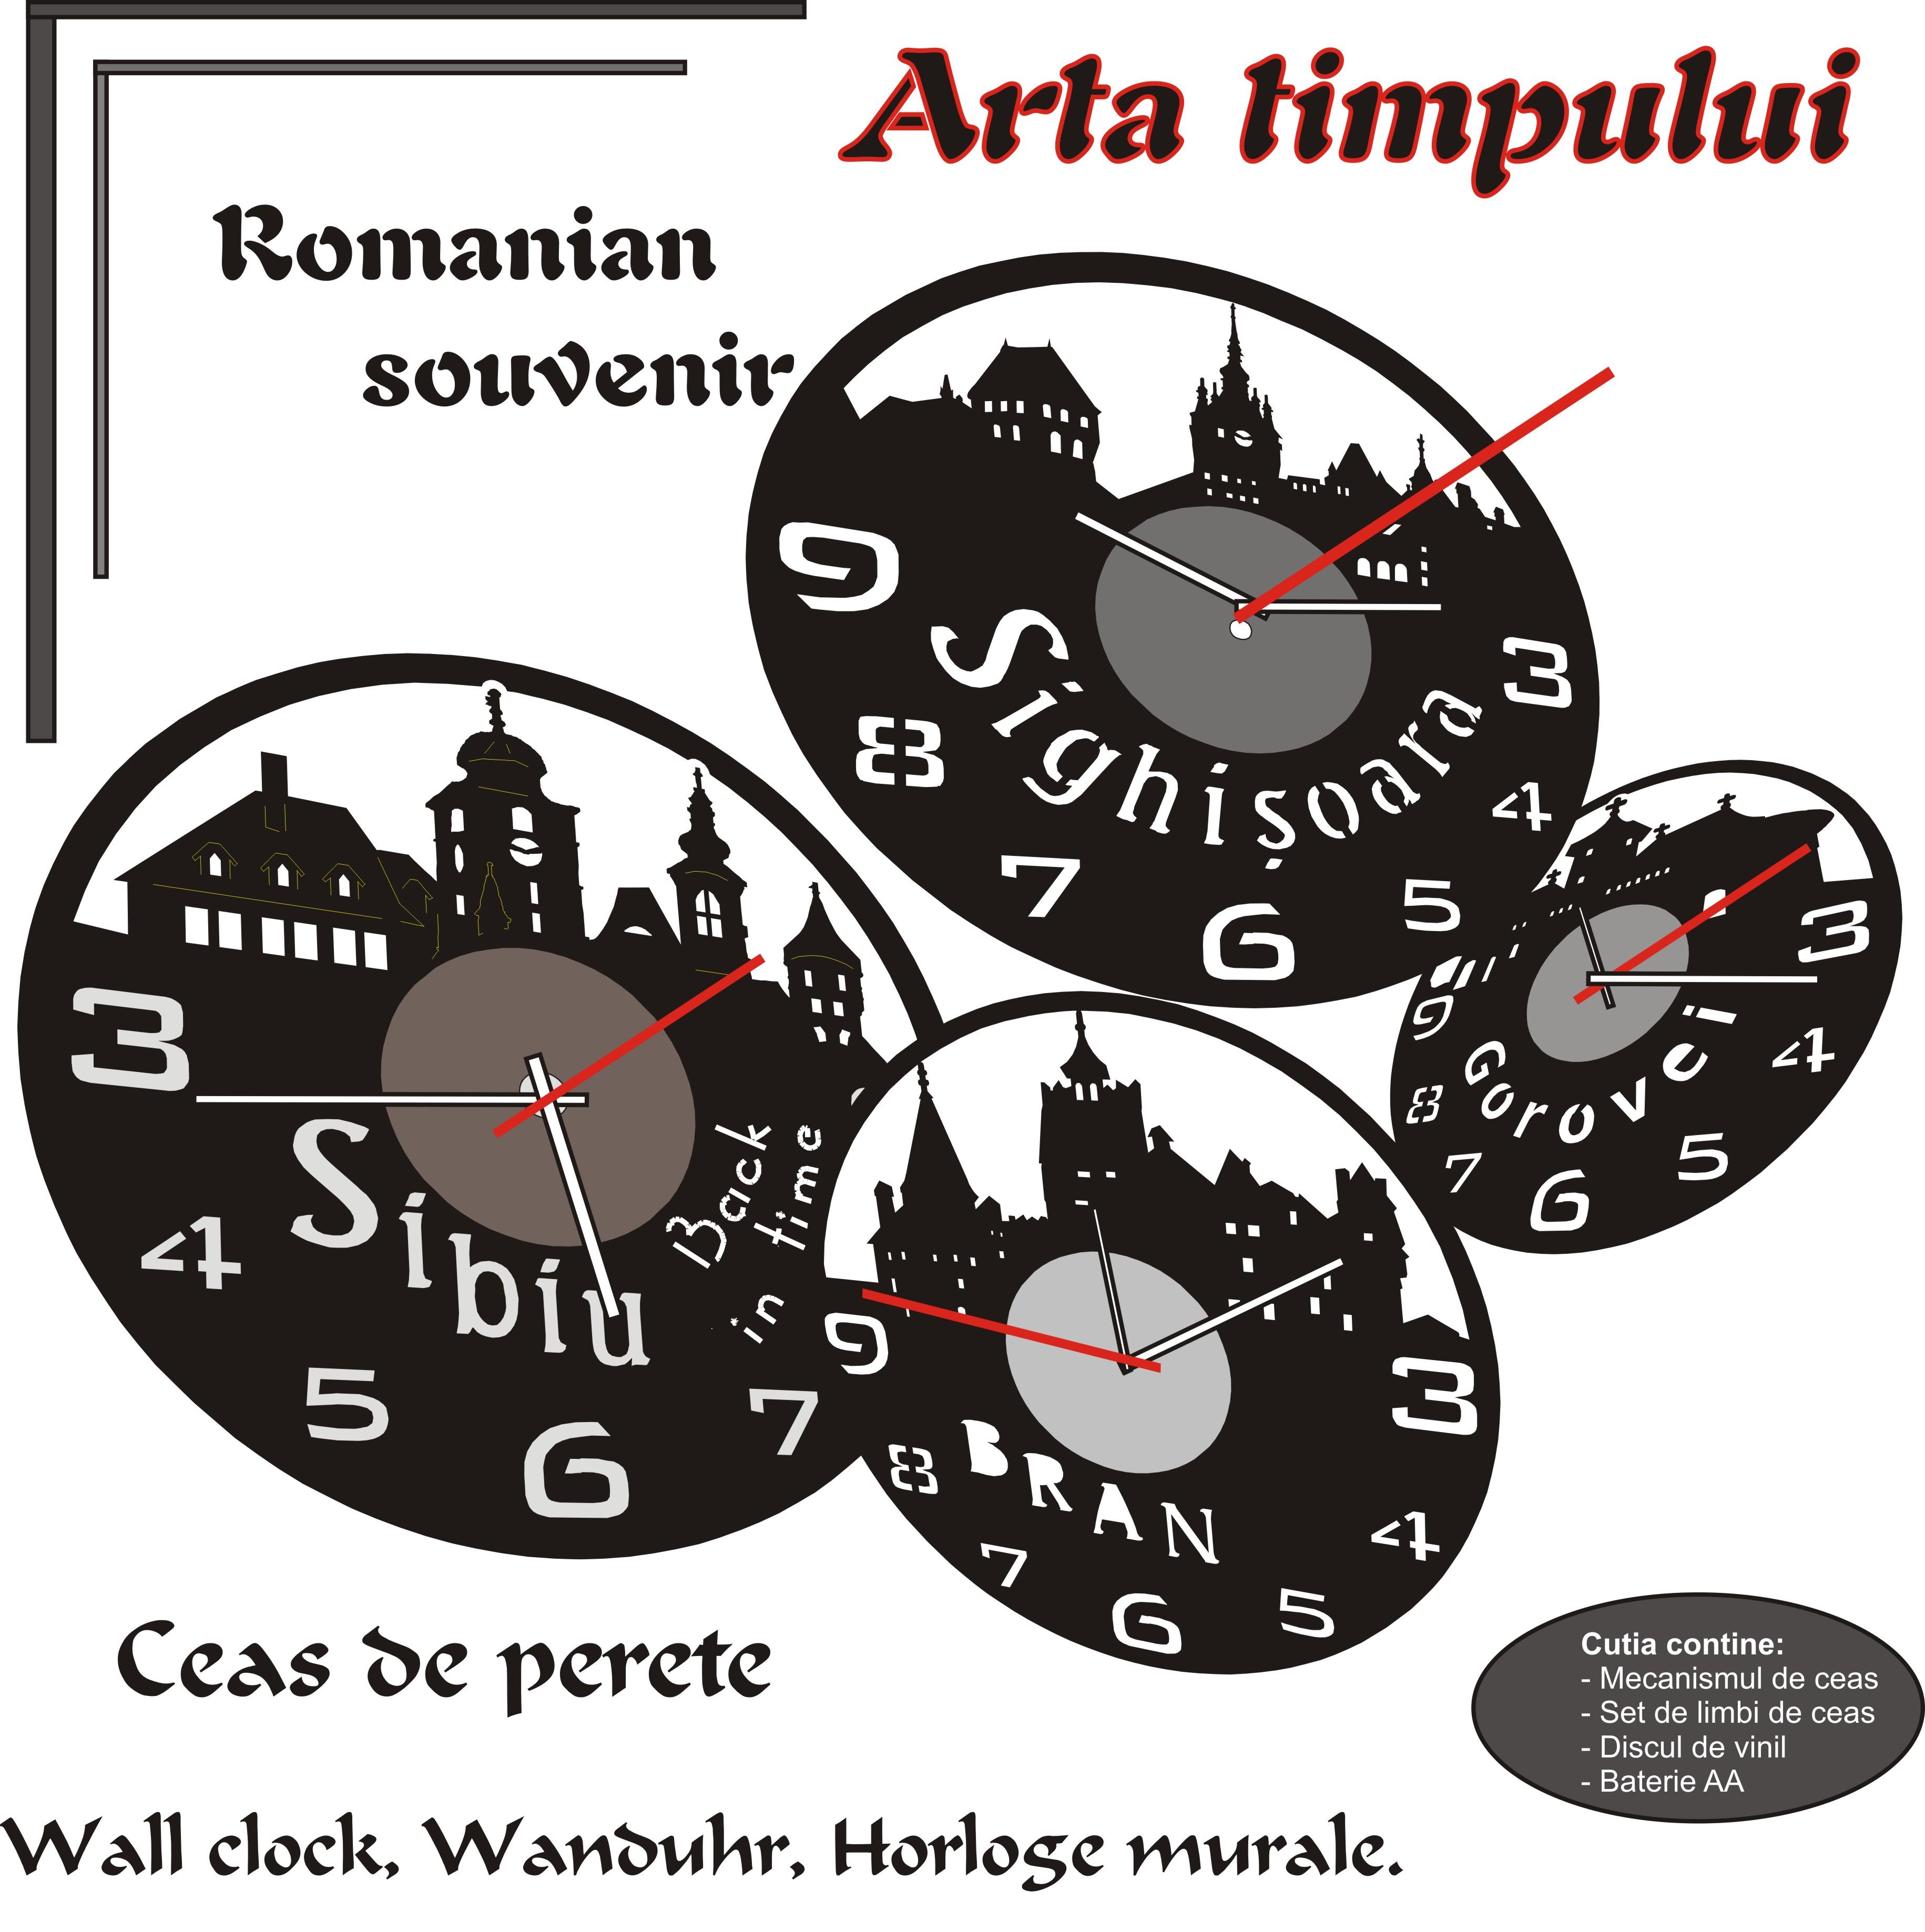 Ceasuri decupate in disc de vinil - Un cadou inedit